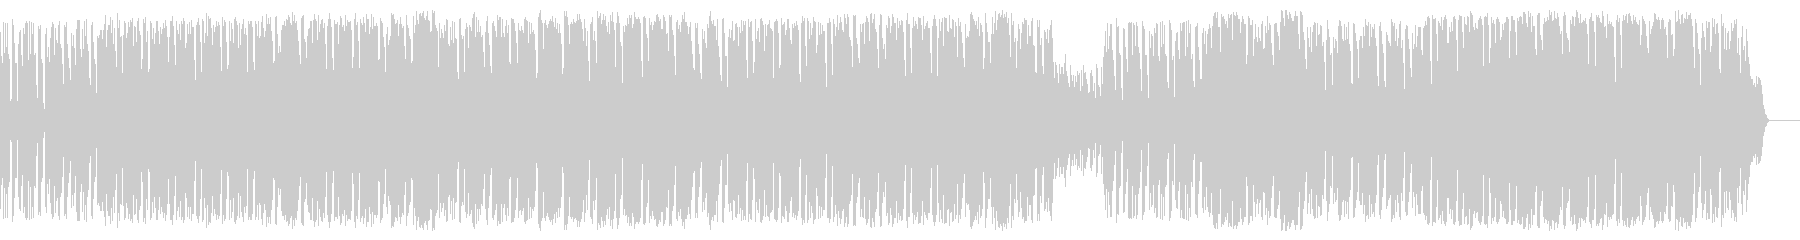 ゴージャス CM PR 情報 メルヘンの未再生の波形